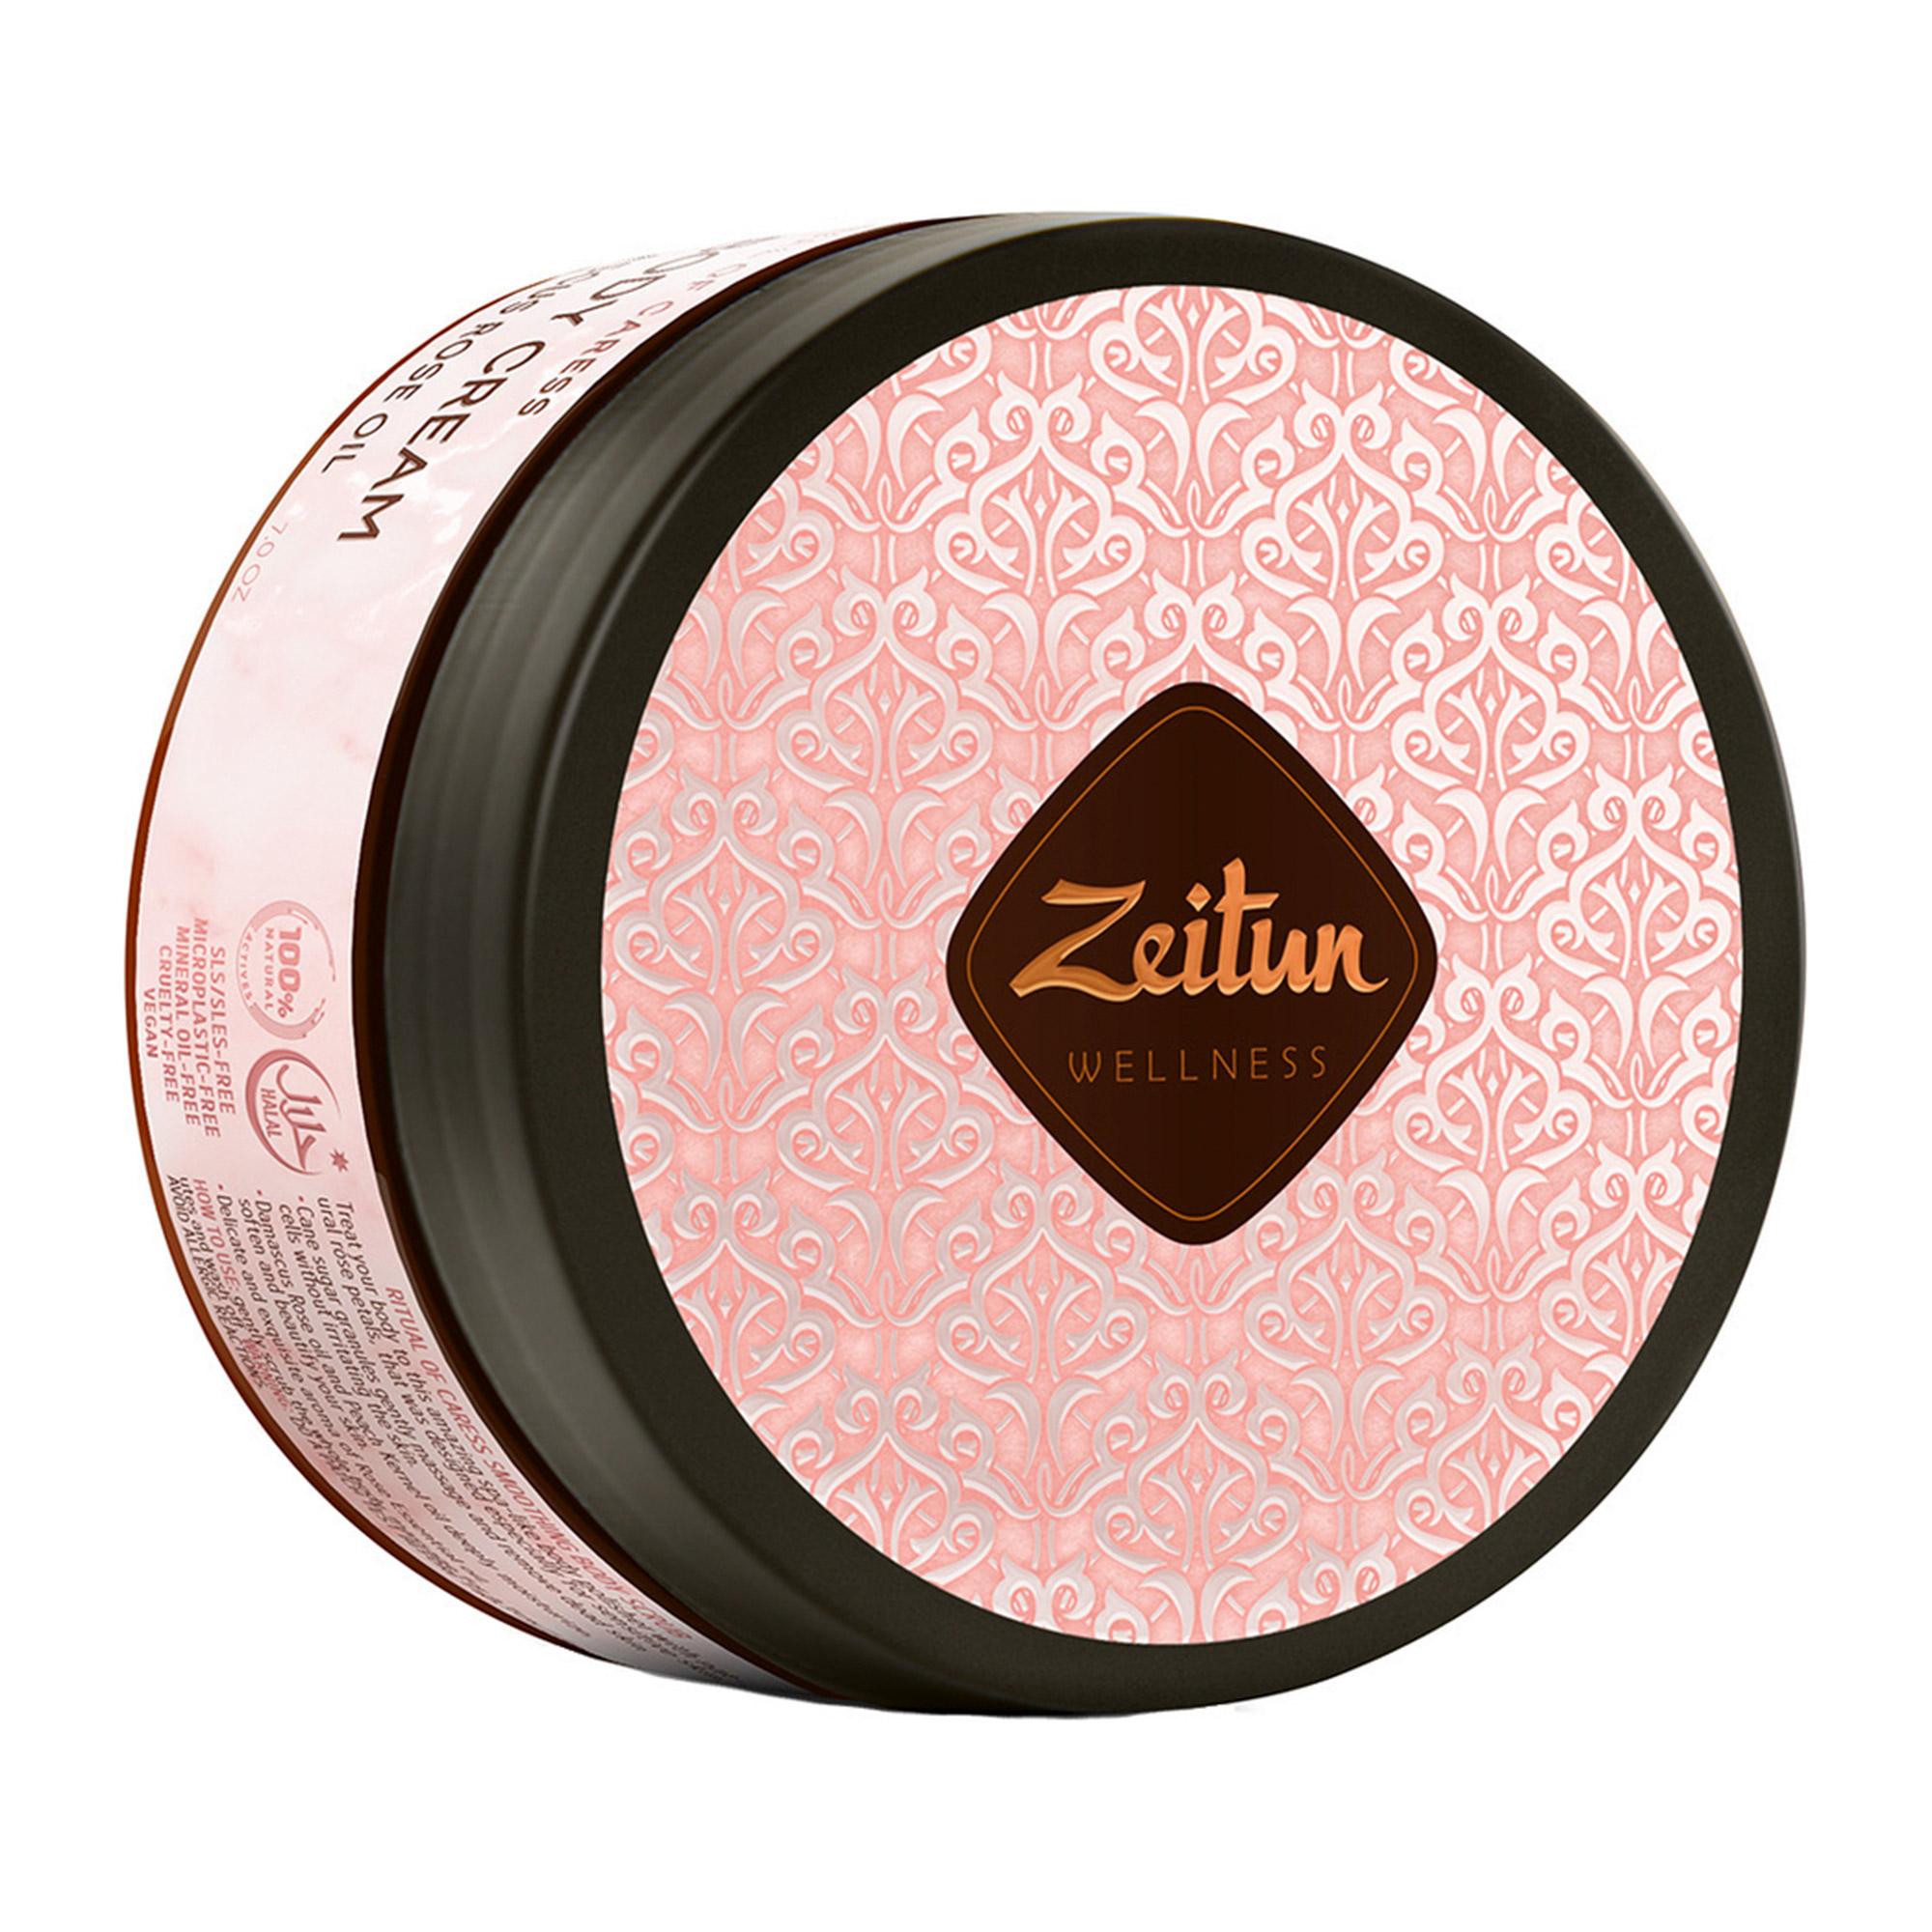 Крем для тела Zeitun Ритуал нежности с дамасской розой и маслом персика 200 мл zeitun мыло бельди 3 с дамасской розой 250 мл